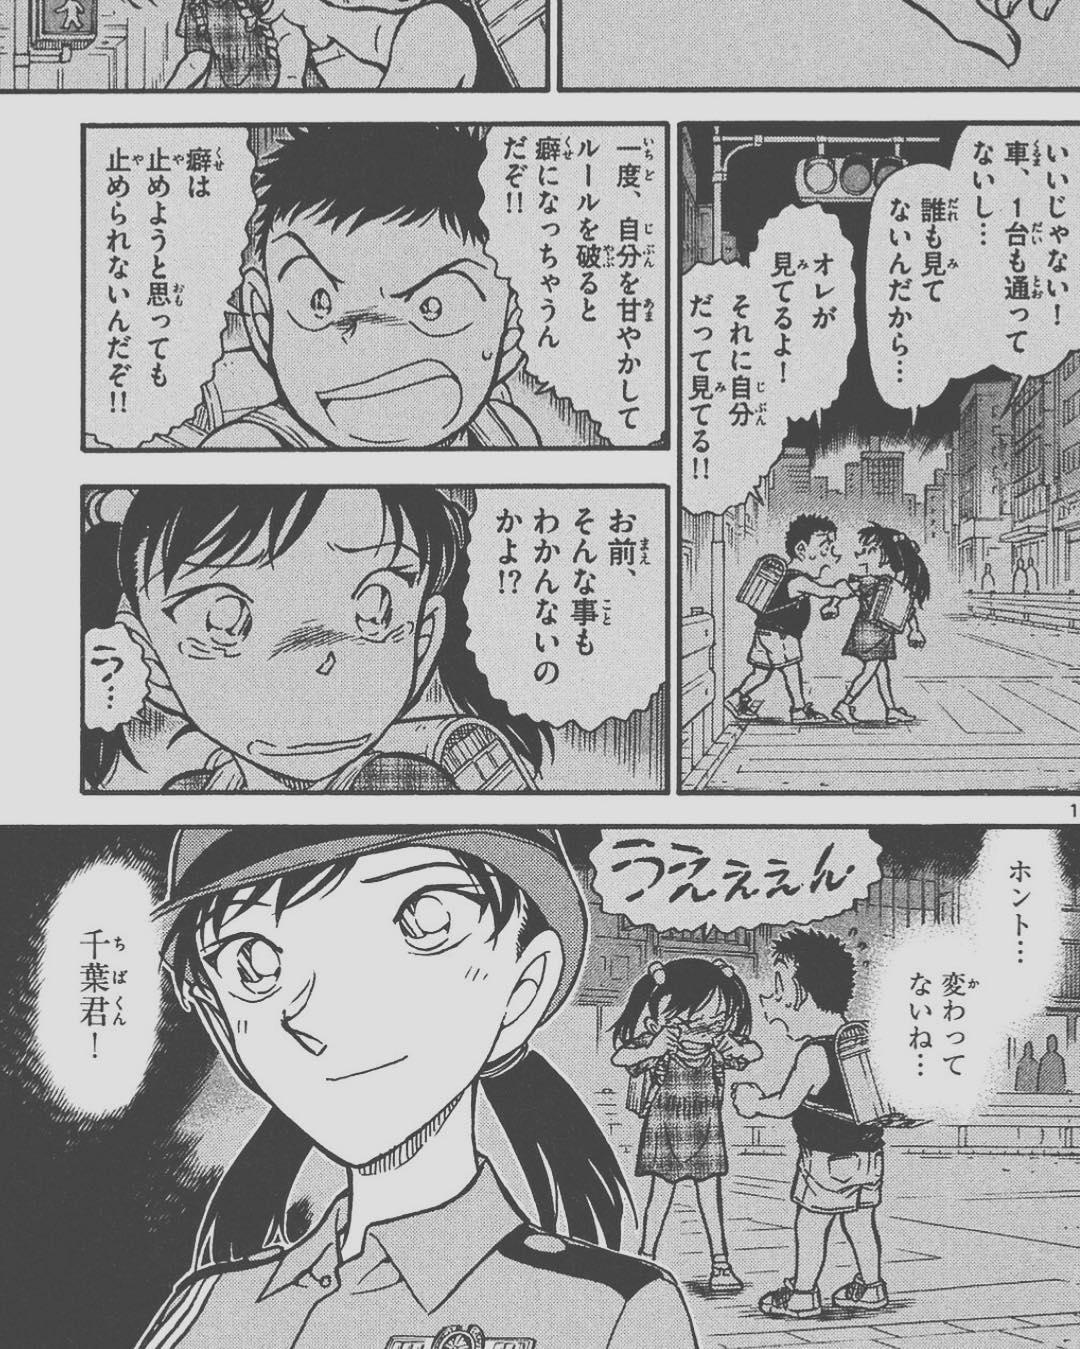 【名探偵コナン】千葉刑事の初恋の三池苗子との進展は?声優や年齢、本名を紹介!